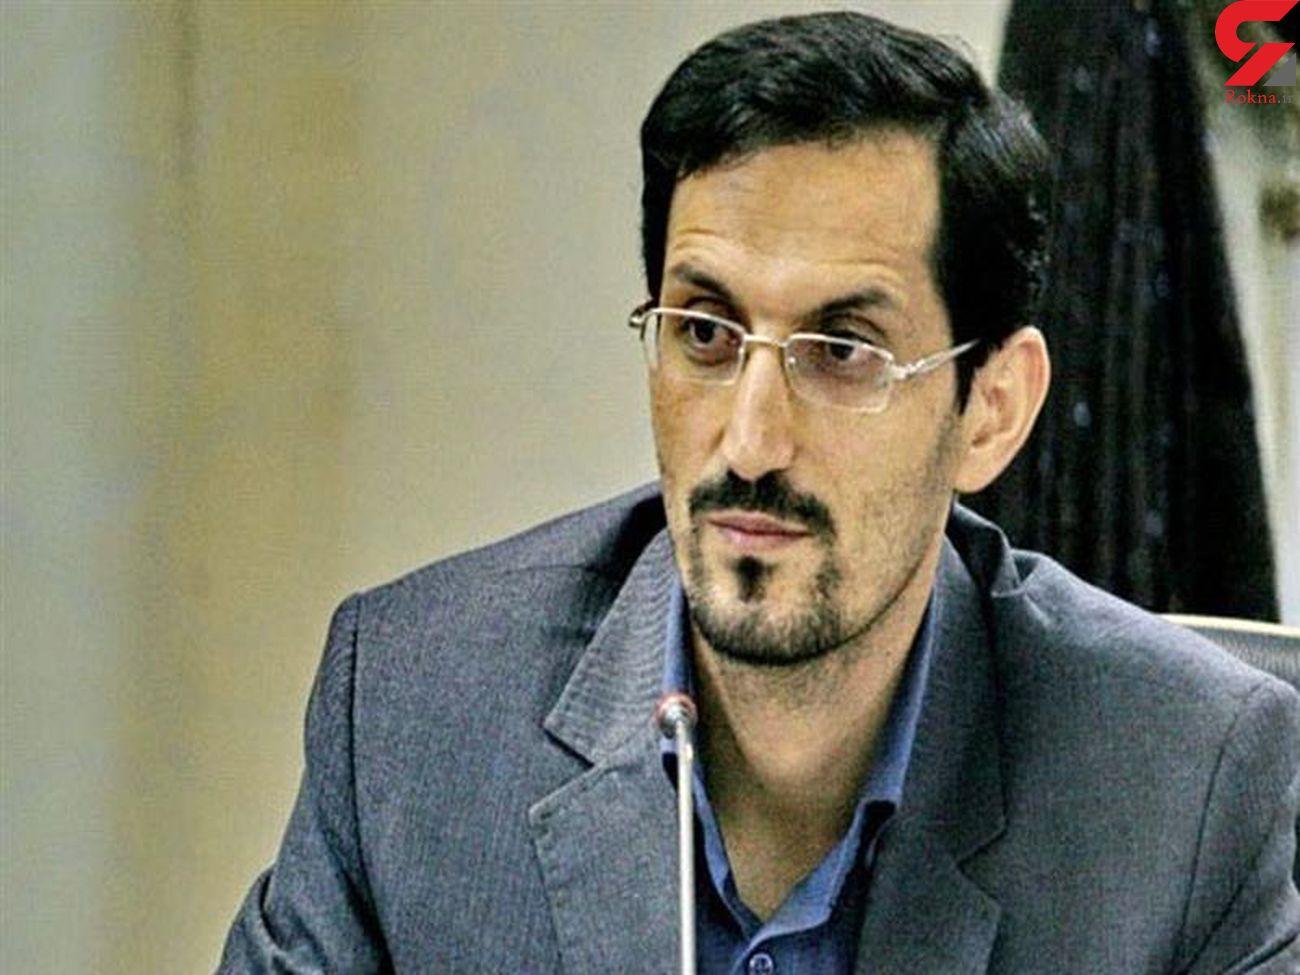 رد صلاحیت ۱۰ درصد داوطلبان شوراهای شهرستان چگنی